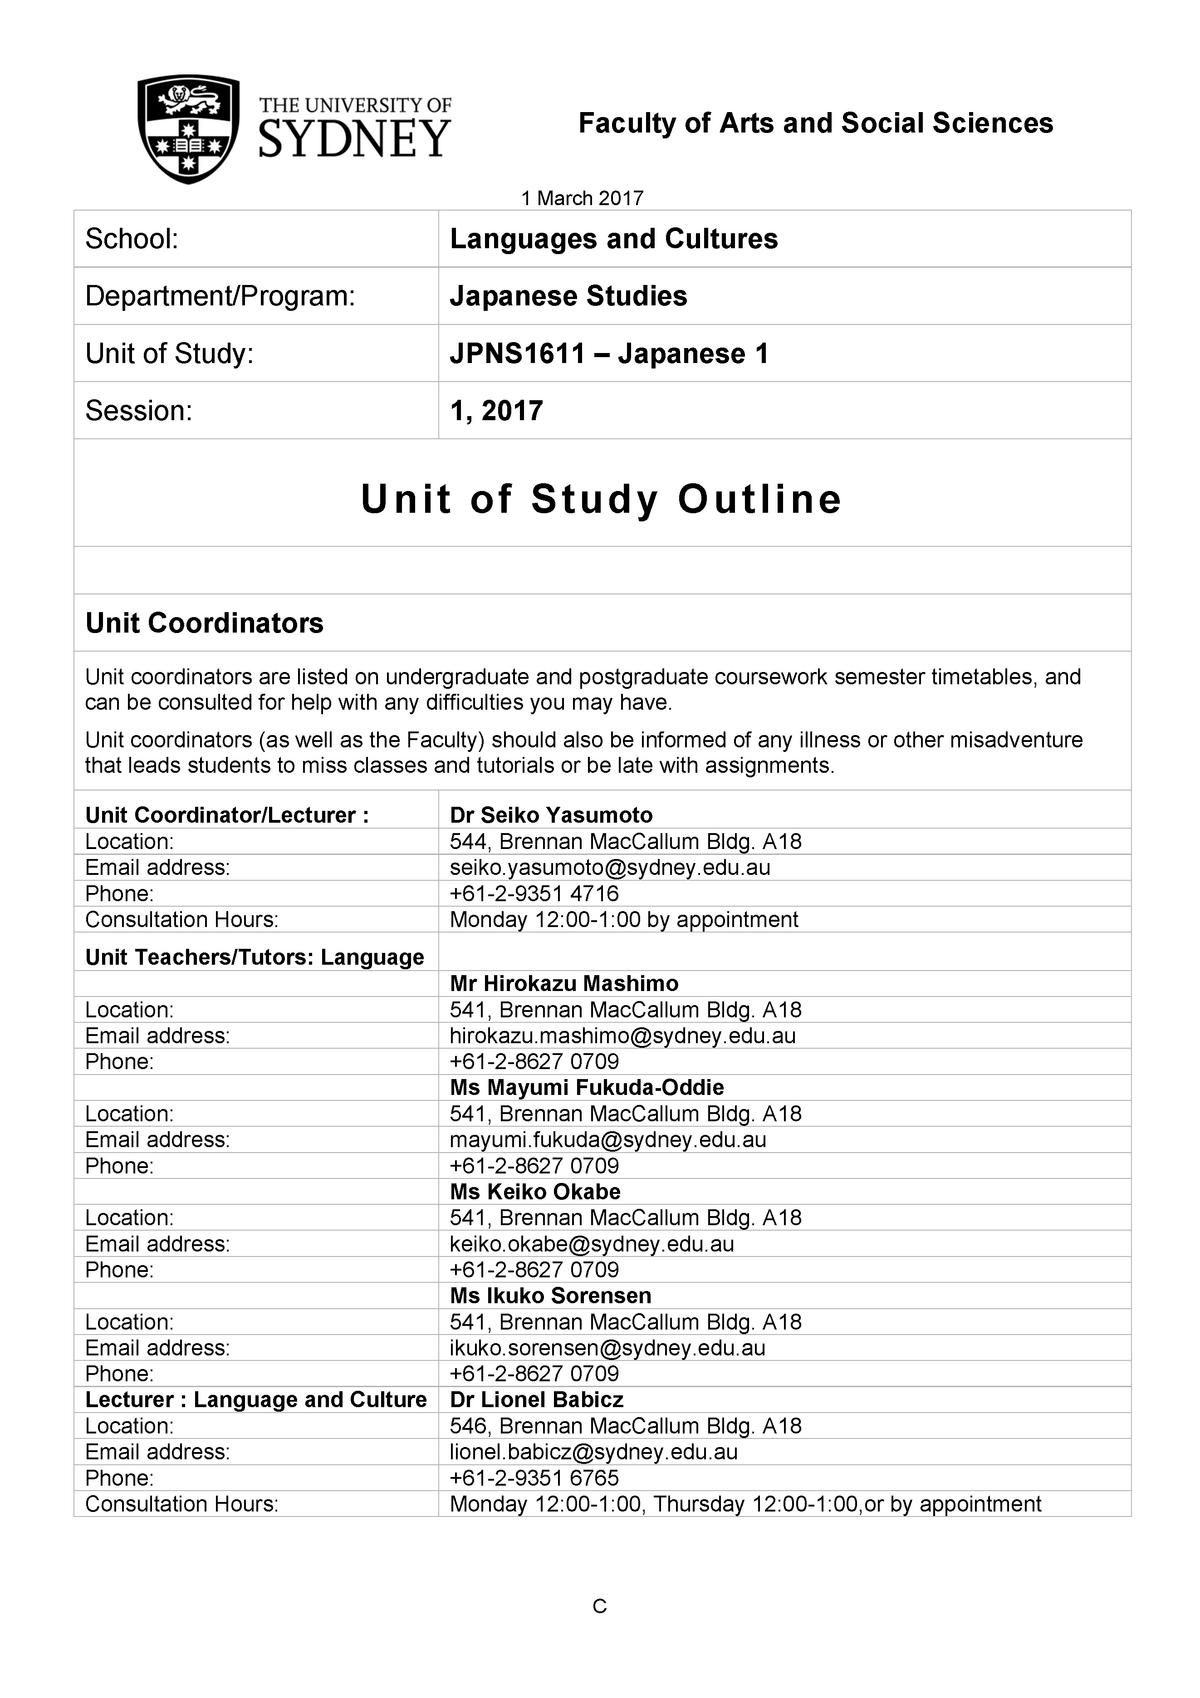 1 JPNS1611 Course Outline 2017- March 1st - JPNS1611: Japanese 1